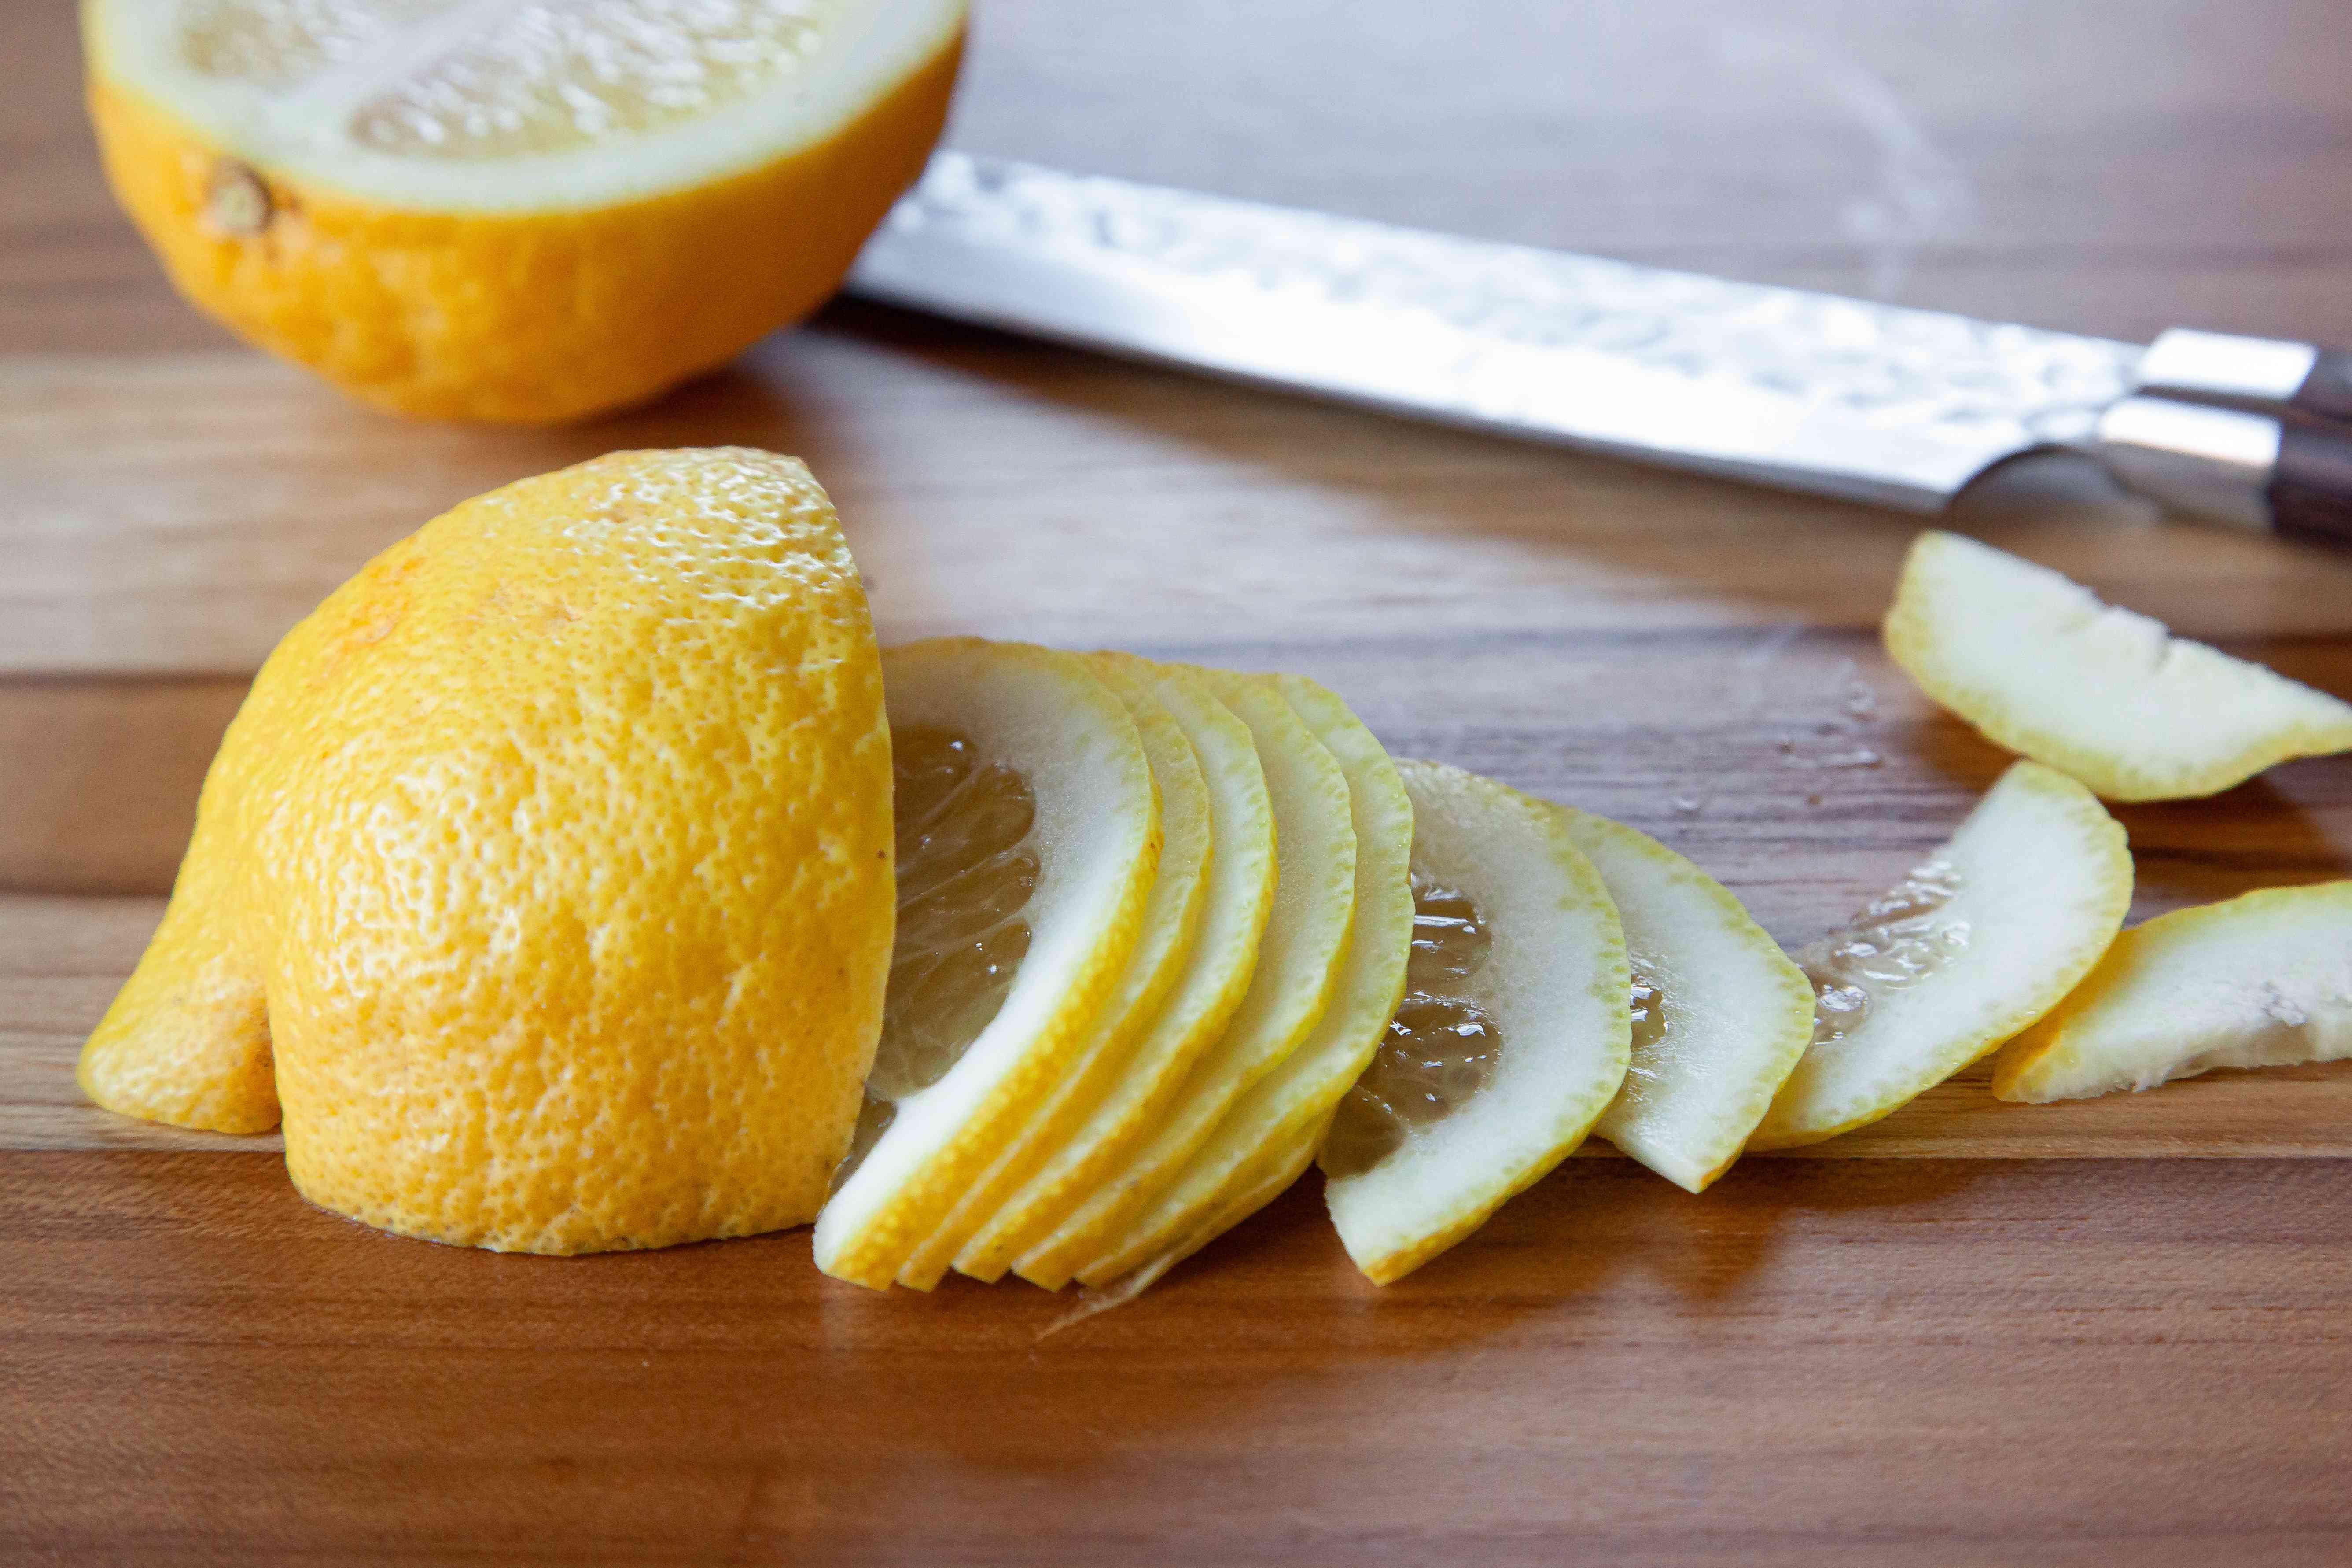 Sliced lemons to make Ohio Lemon Pie.